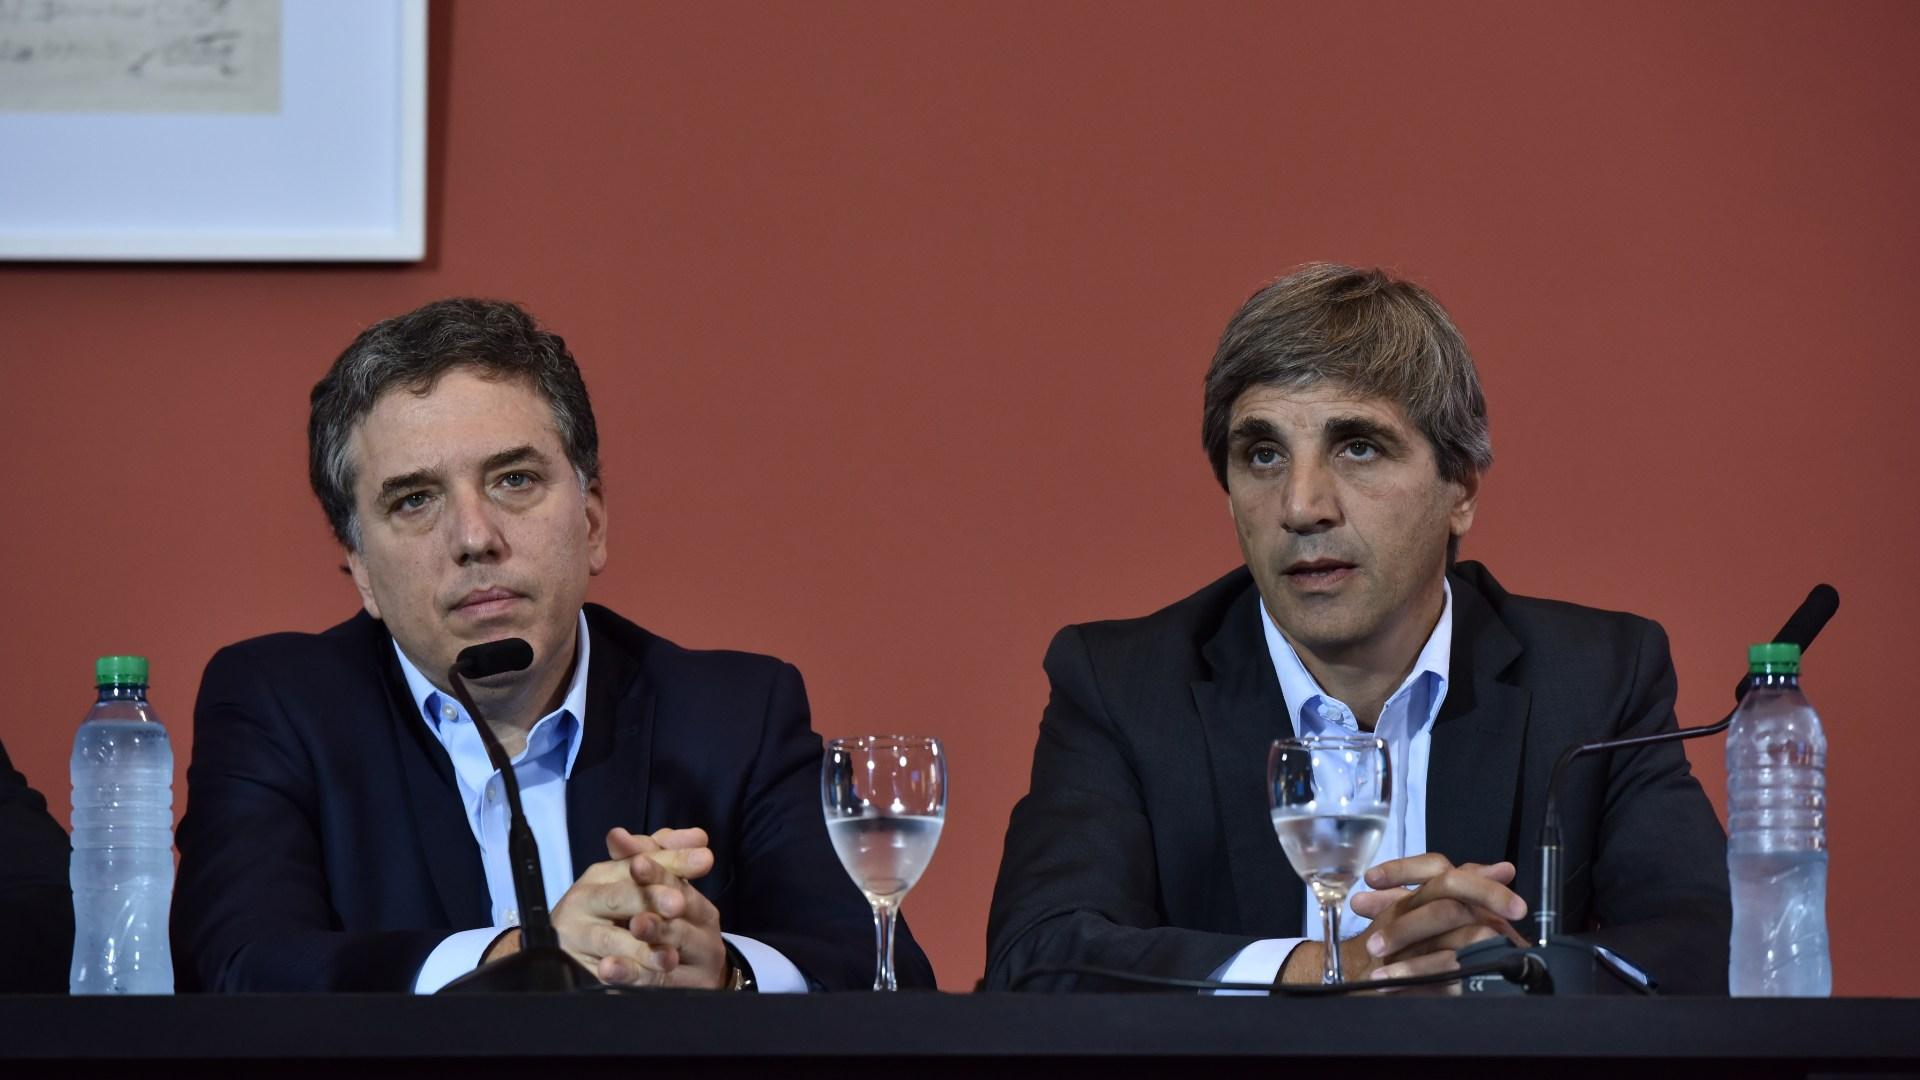 Nicolás Dujovne, ministro de hacienda, y Luis Caputo, ministro de Finanzas